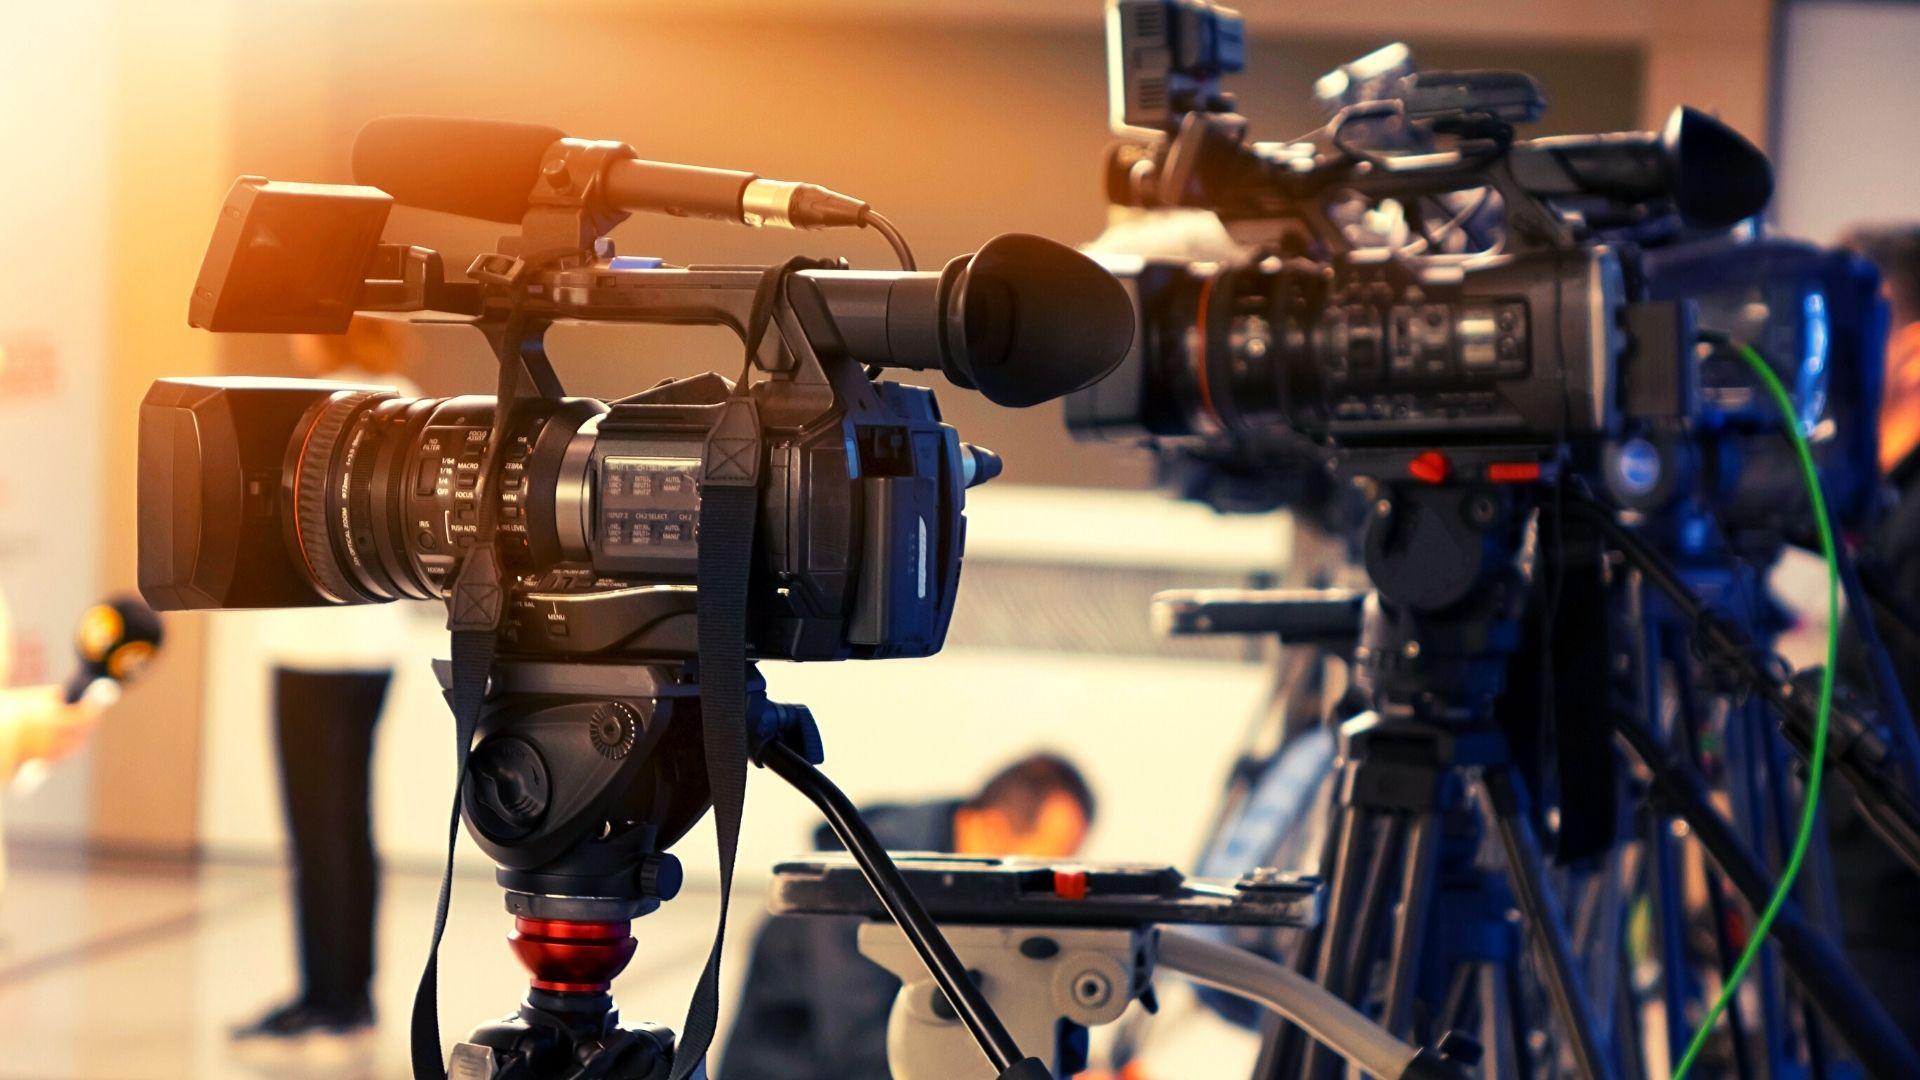 13 modi per potenziare gli eventi con i video